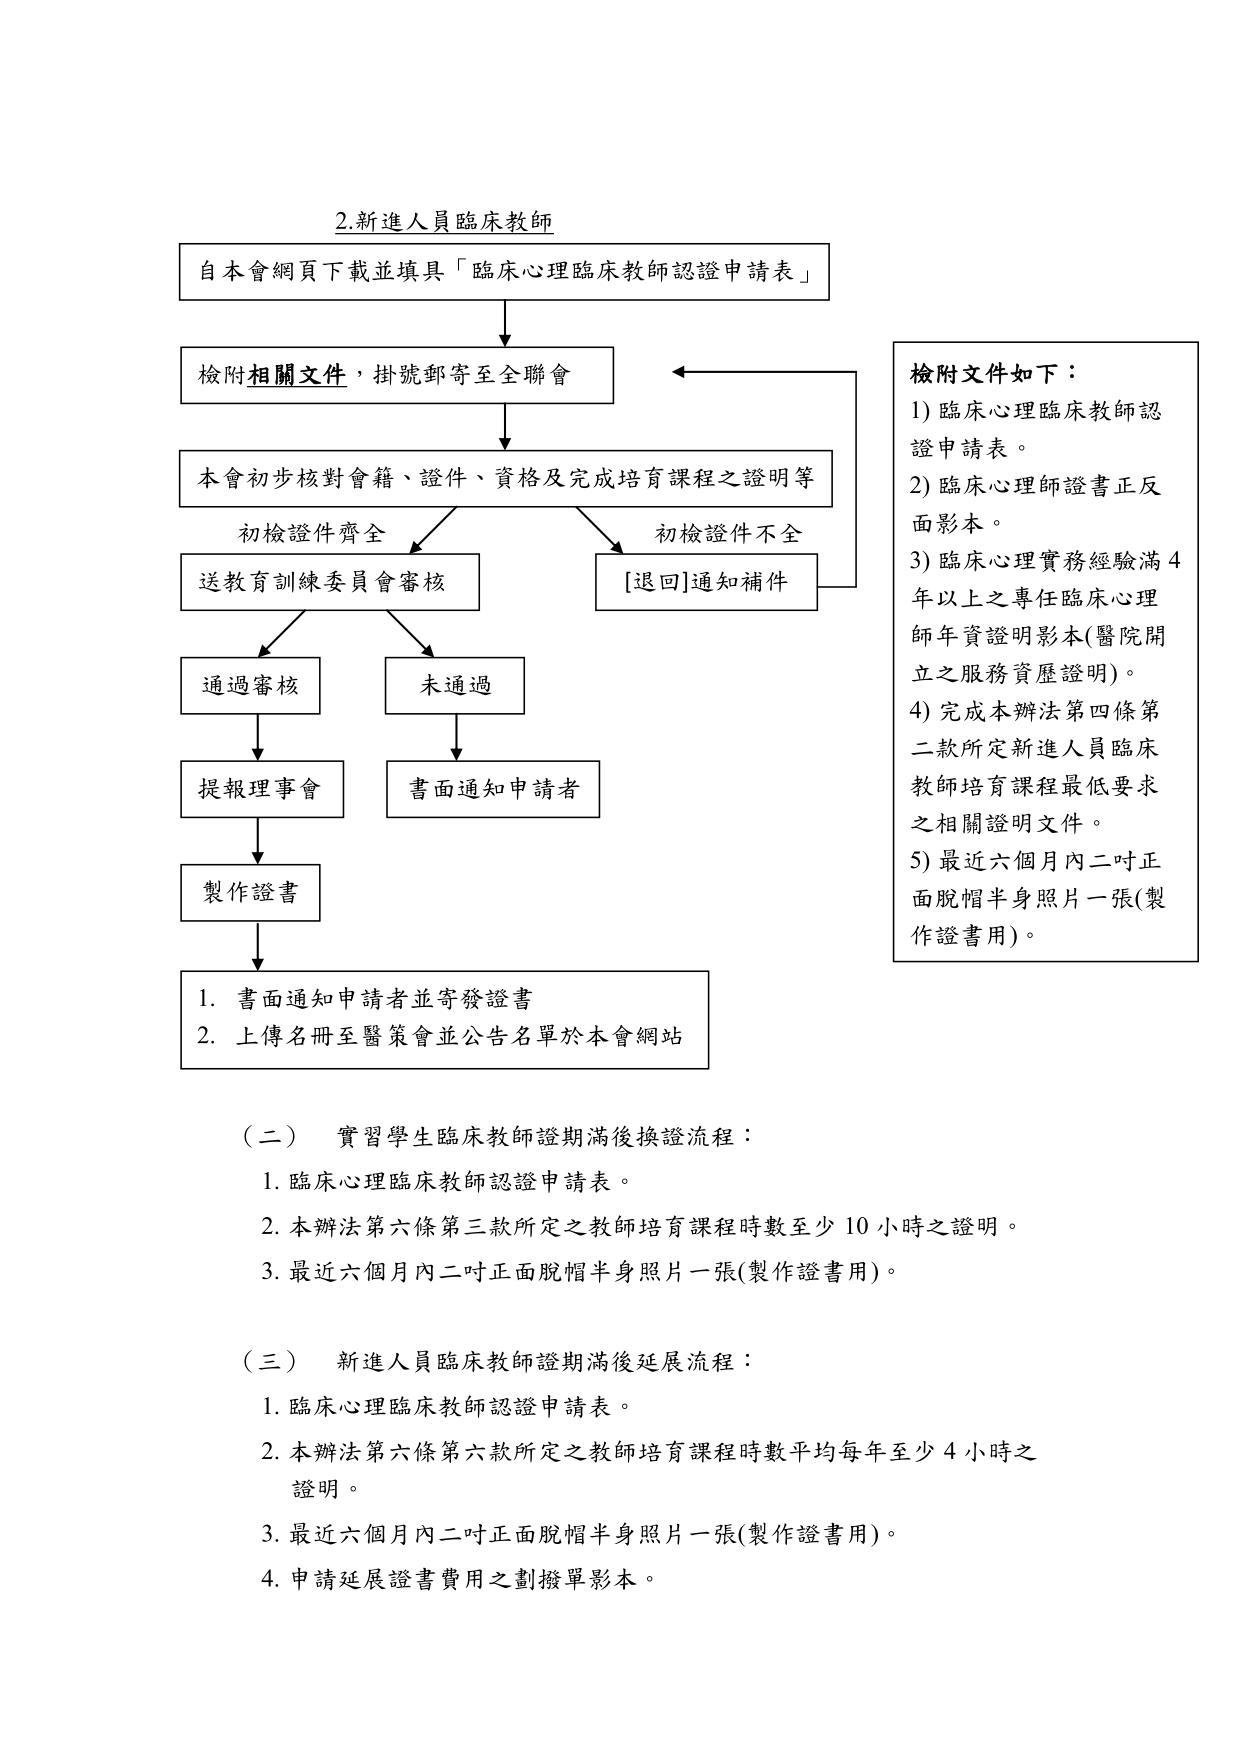 流程圖_01.jpg